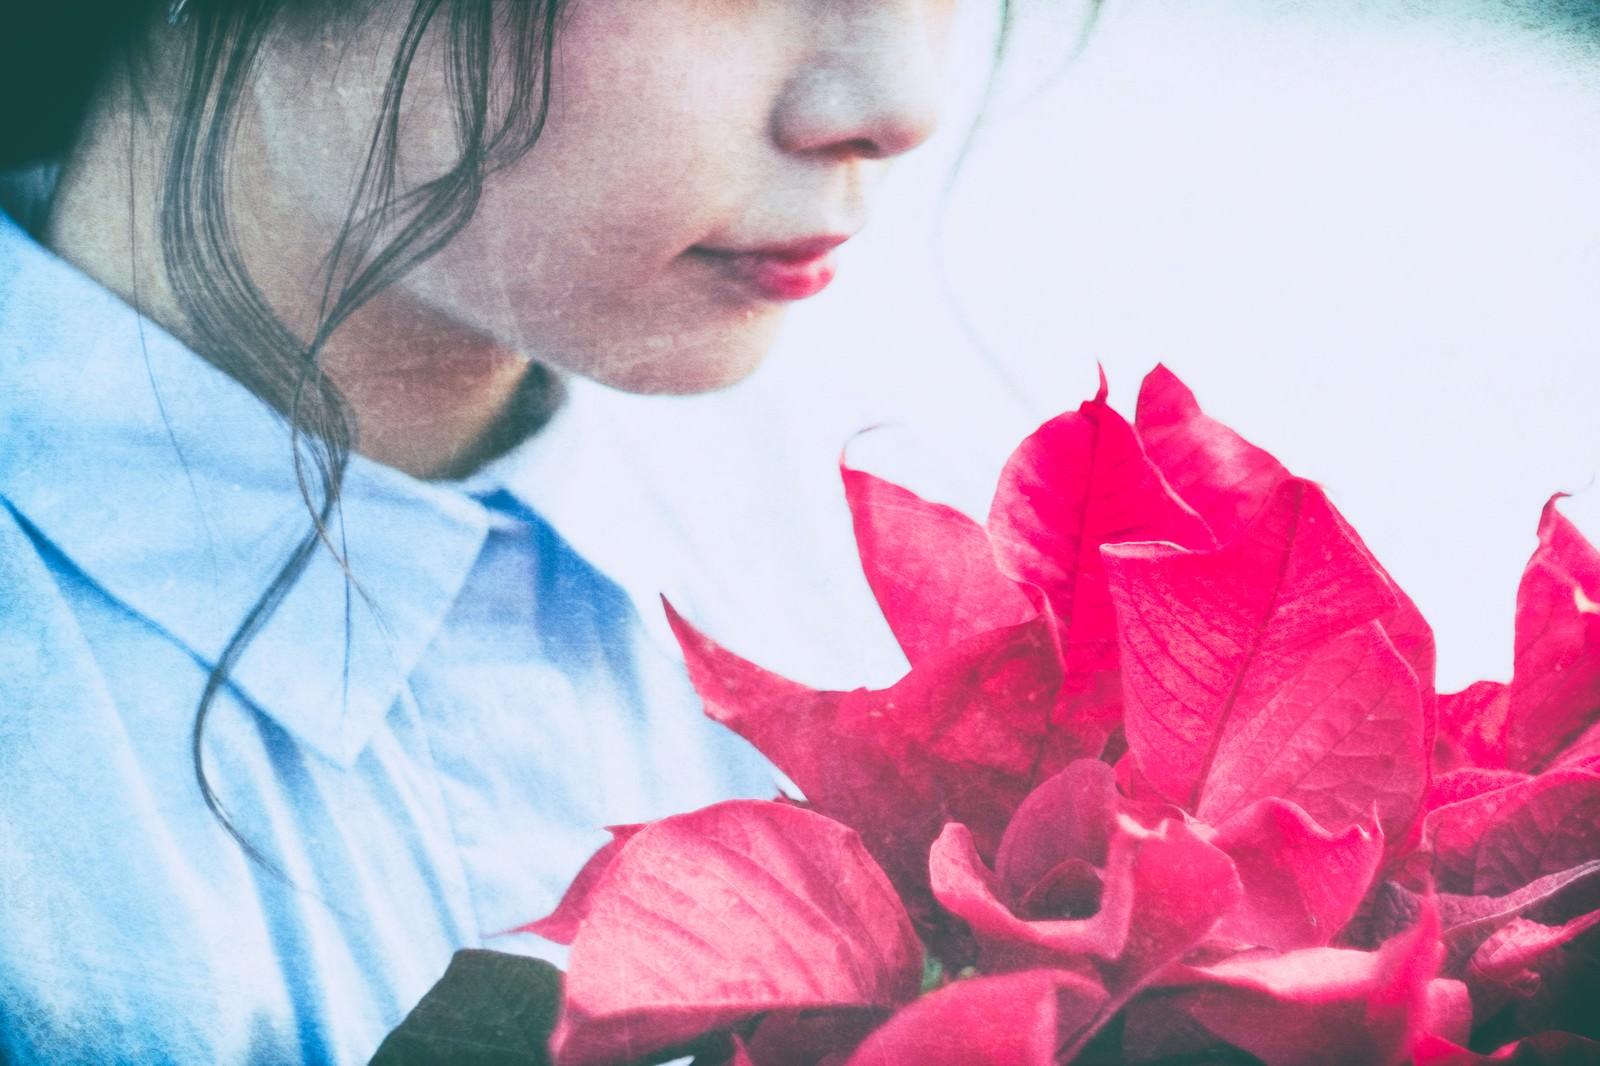 「赤いポインセチアと女性赤いポインセチアと女性」のフリー写真素材を拡大